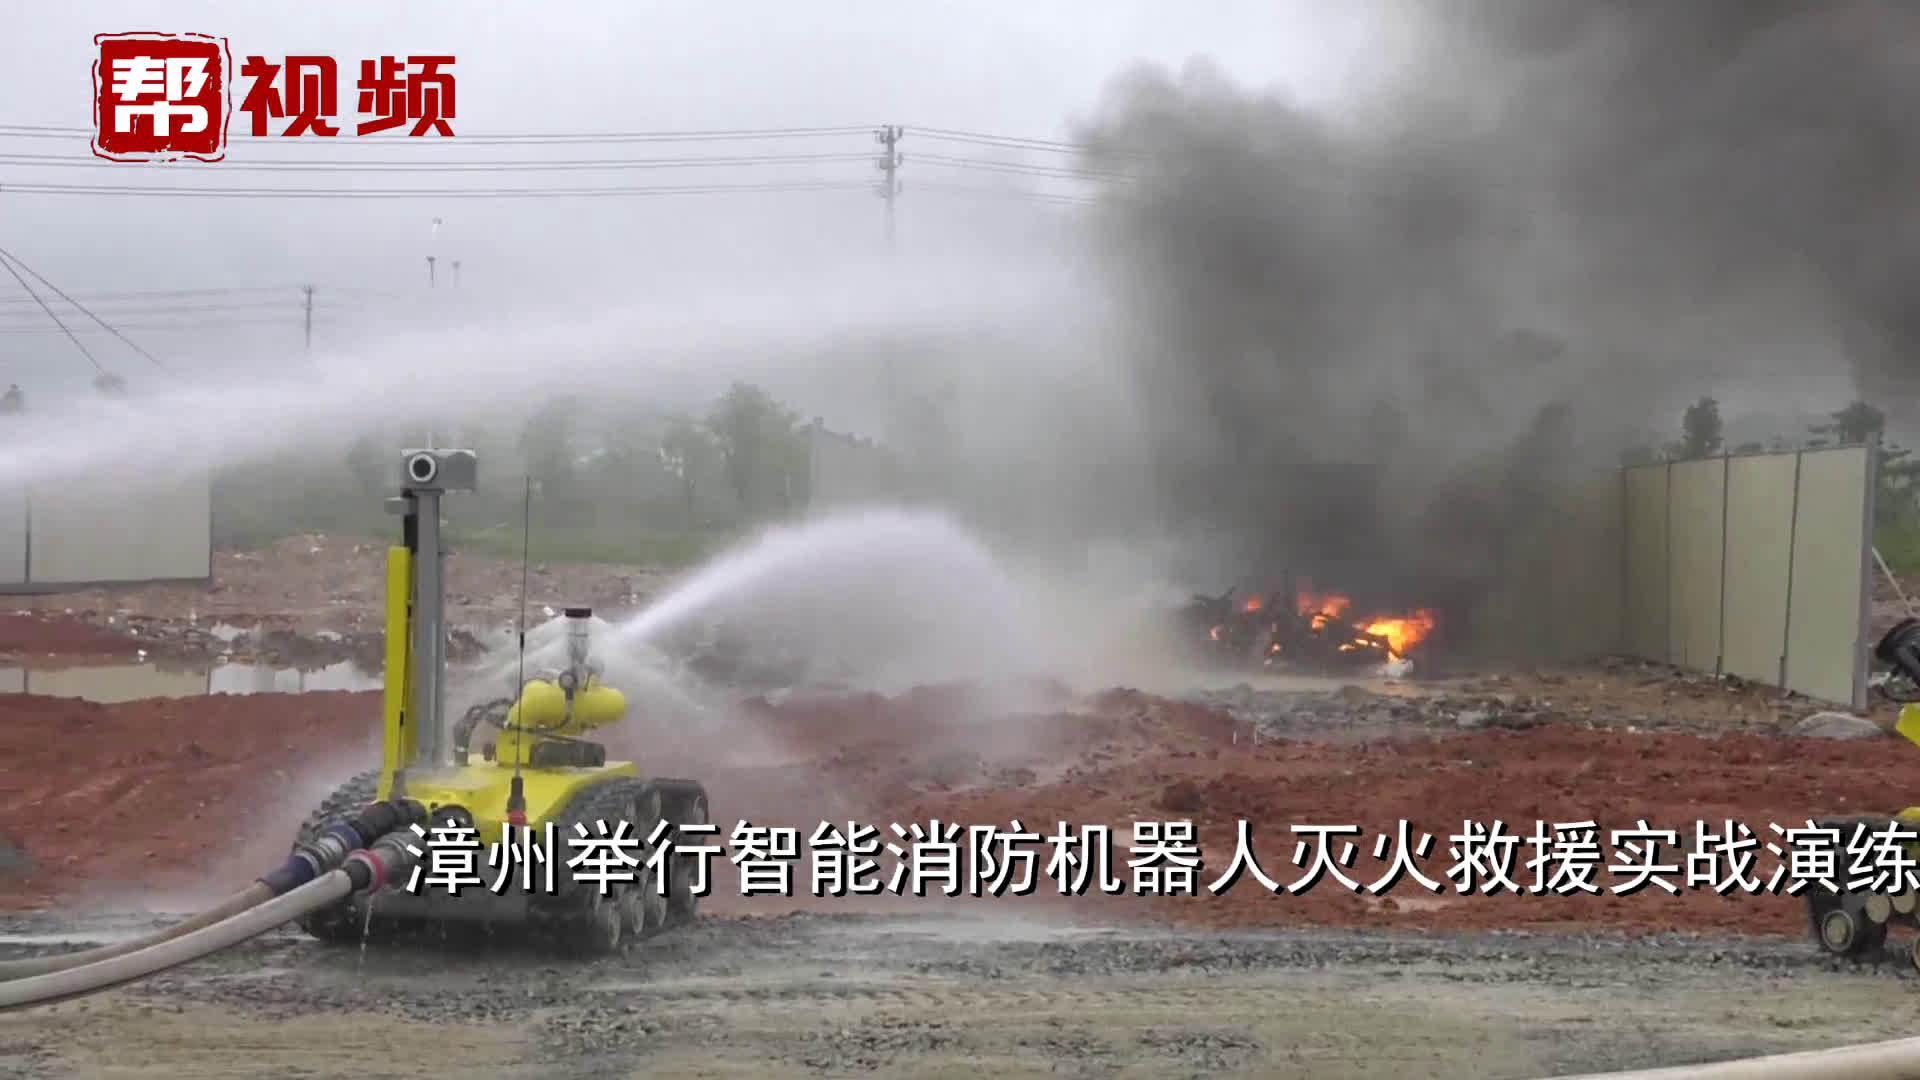 高科技!智能消防机器人协同作战,举行灭火救援实战演练